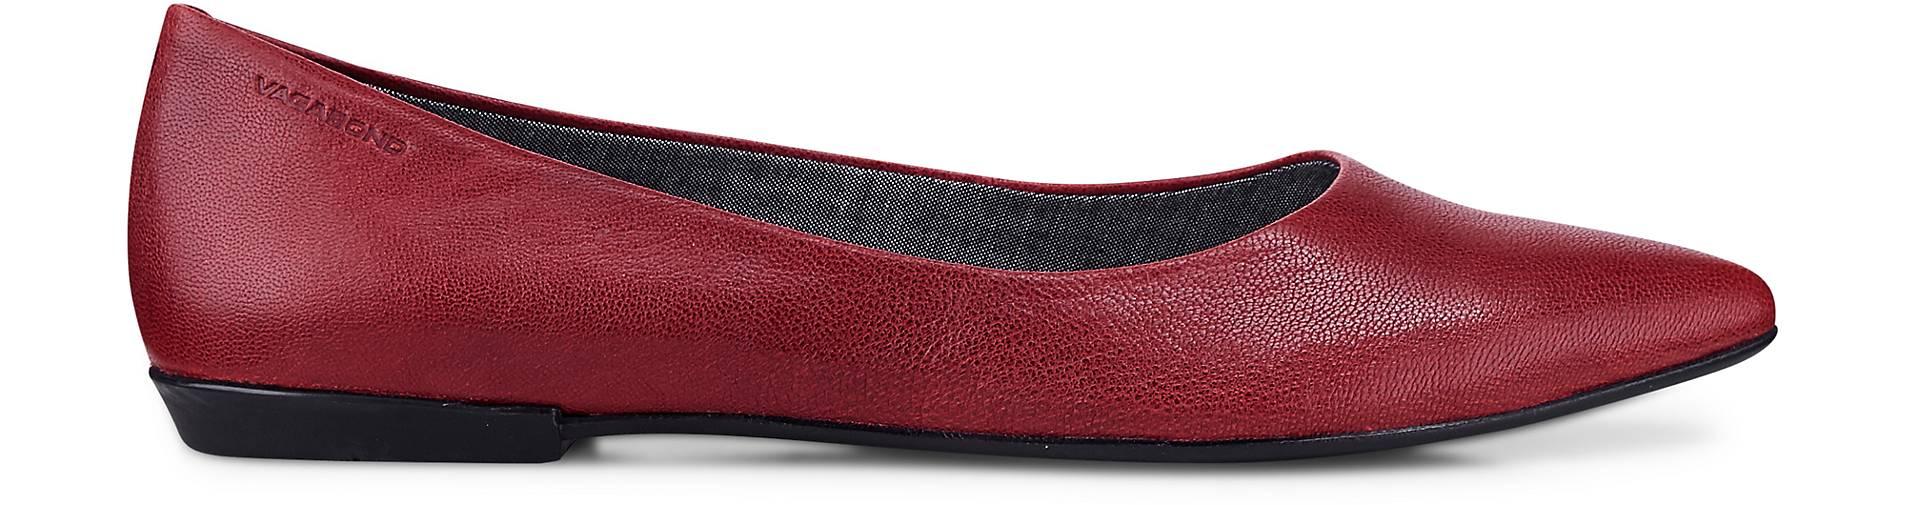 Vagabond Ballerina - AYA in rost kaufen - Ballerina 47569901 | GÖRTZ Gute Qualität beliebte Schuhe f04590